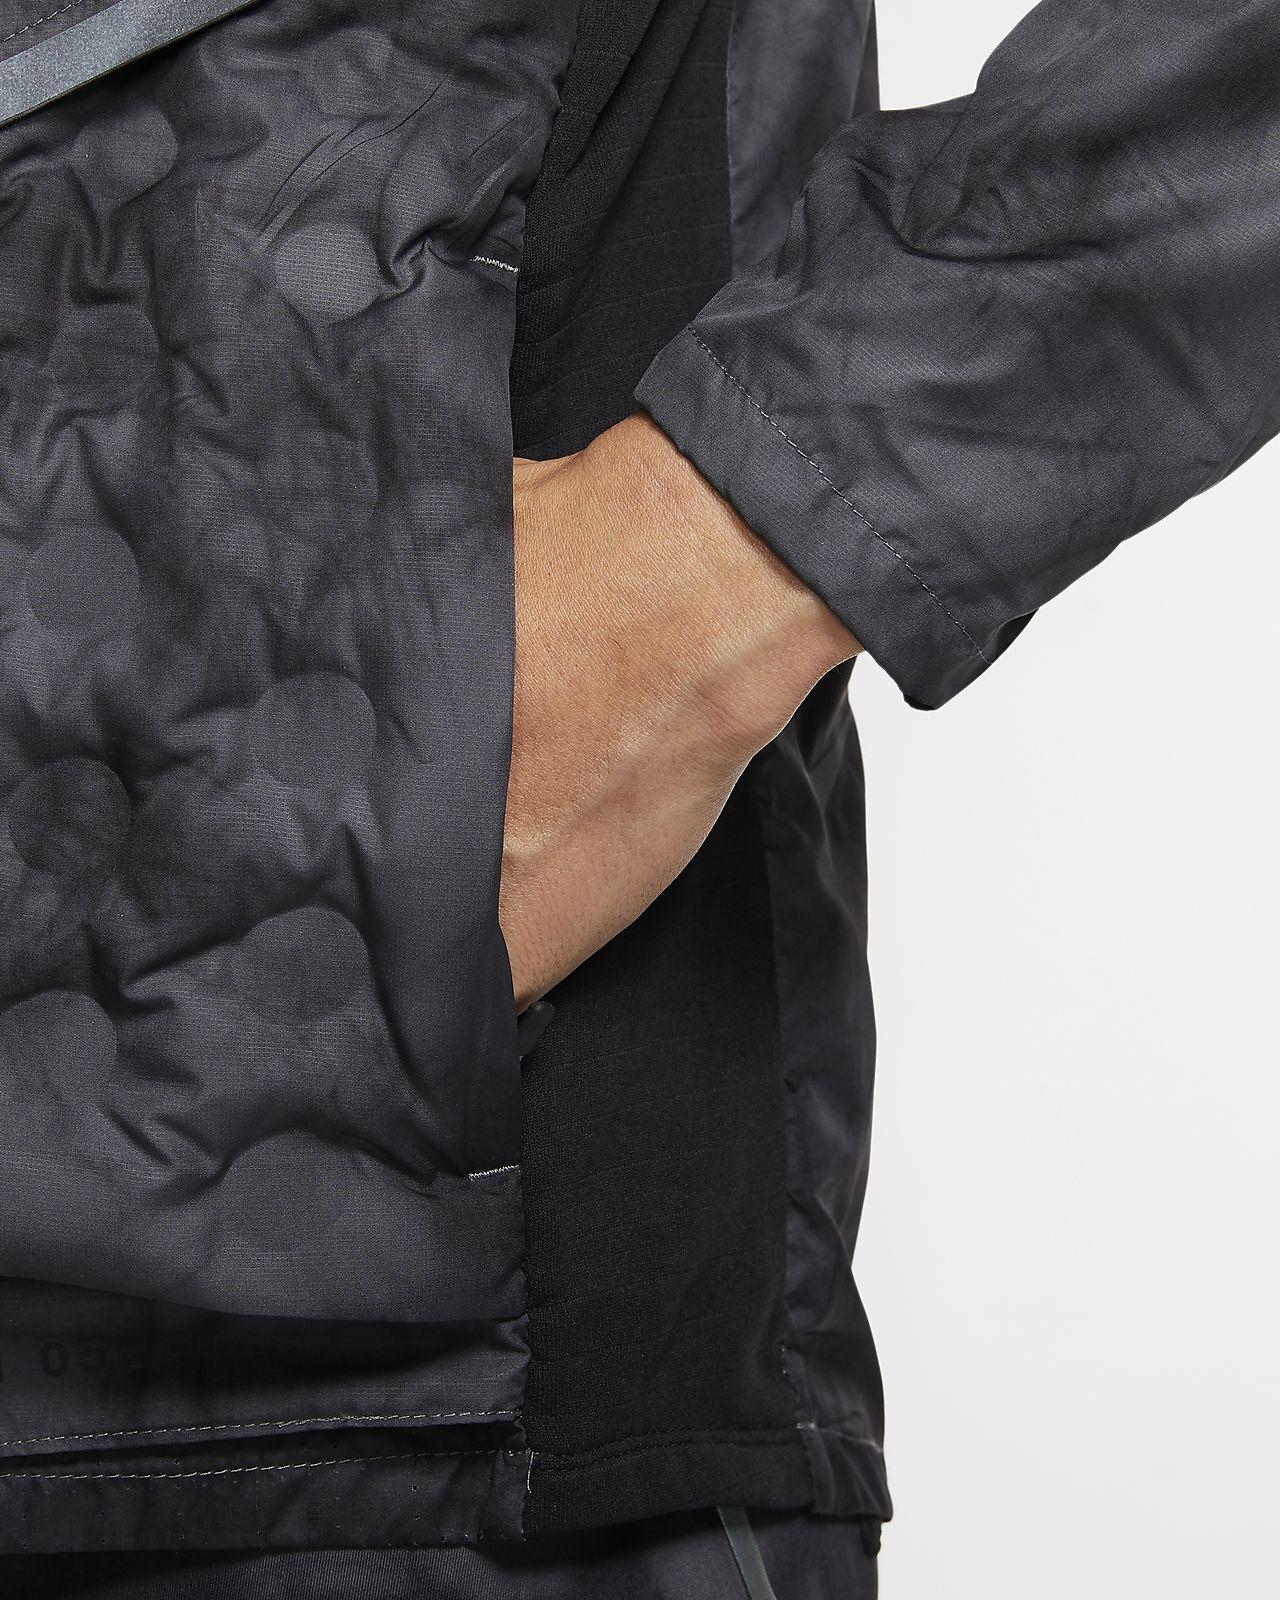 Nike Sportswear Tech Fleece AeroLoft Men's Down Jacket